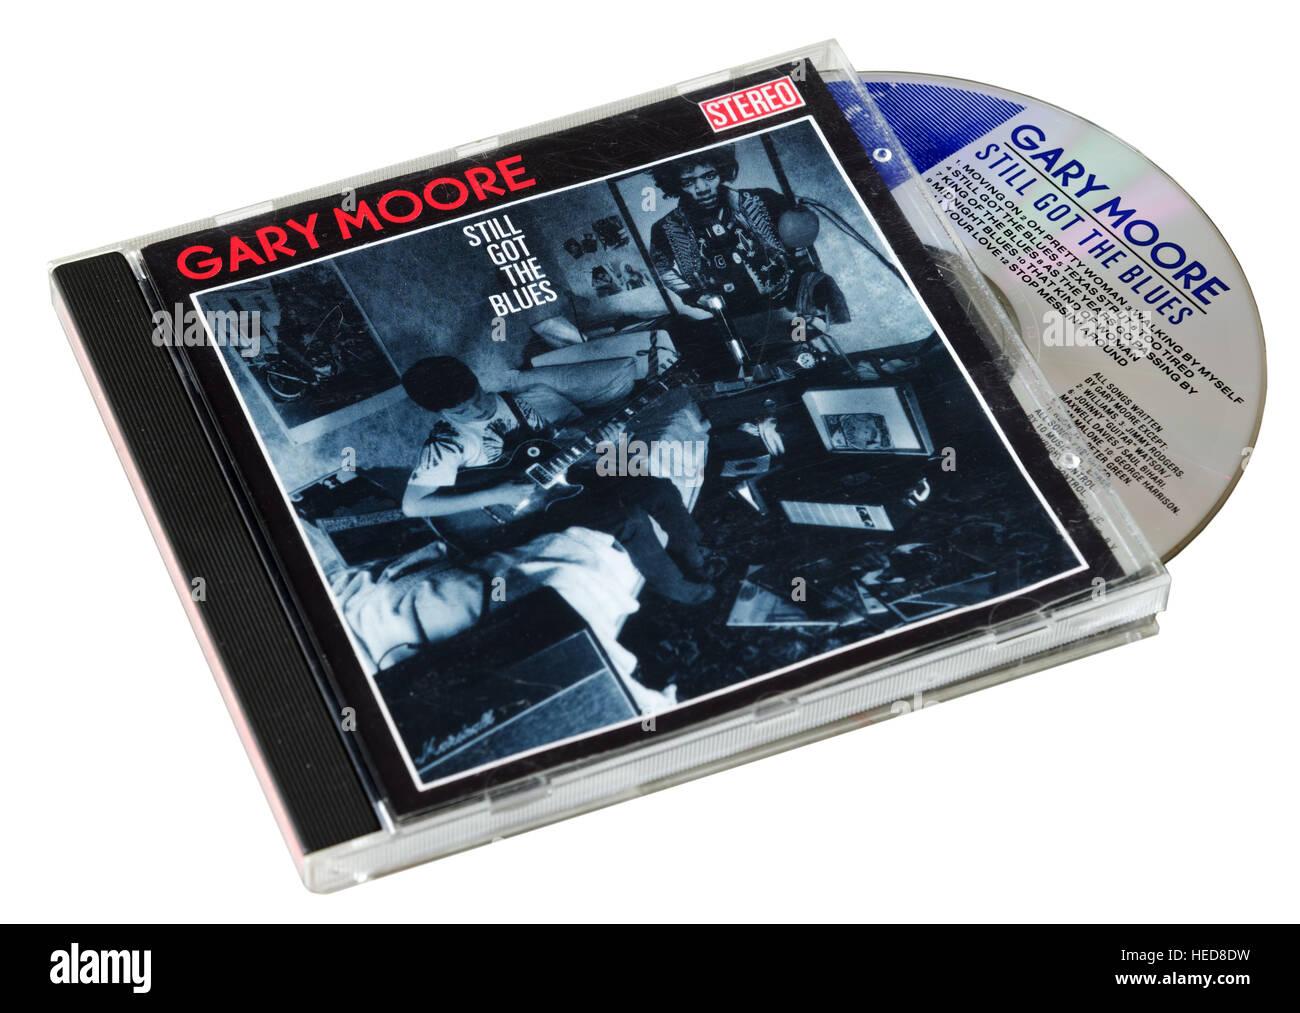 Gary Moore todavía tengo el CD de Blues Imagen De Stock